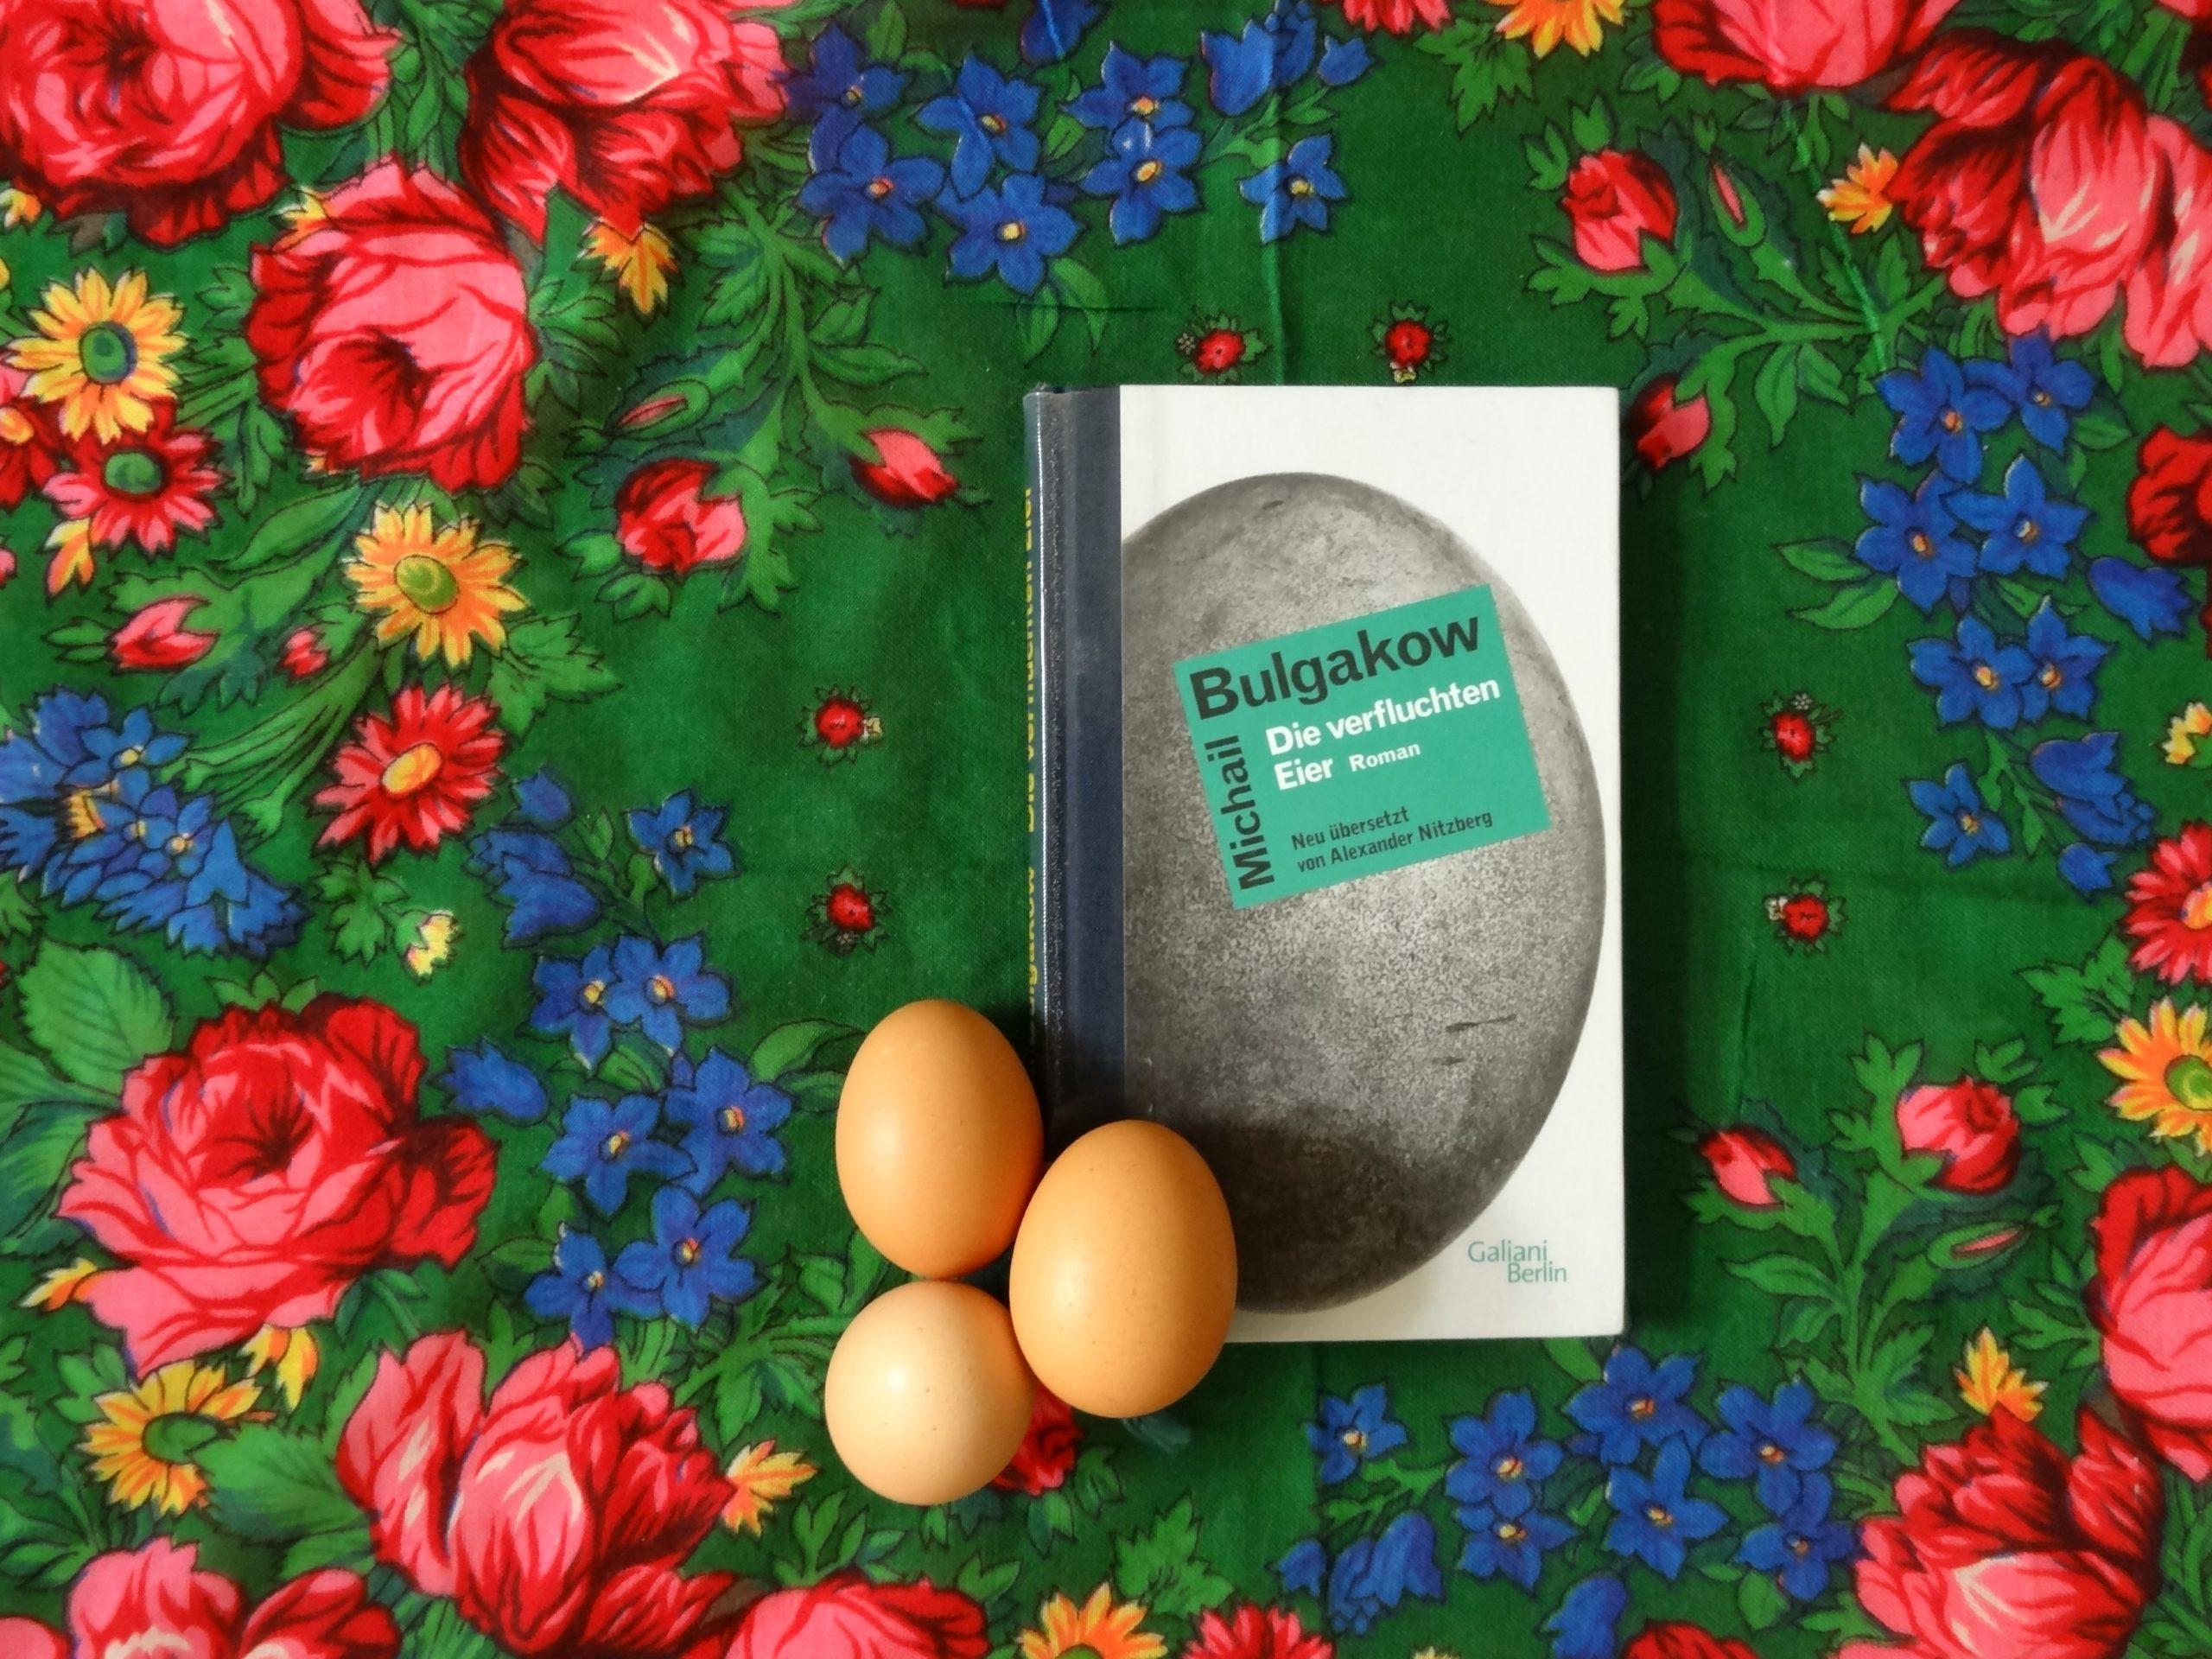 Tino Schlench - Literaturpalast - Michail Bulgakow - Die verfluchten Eier